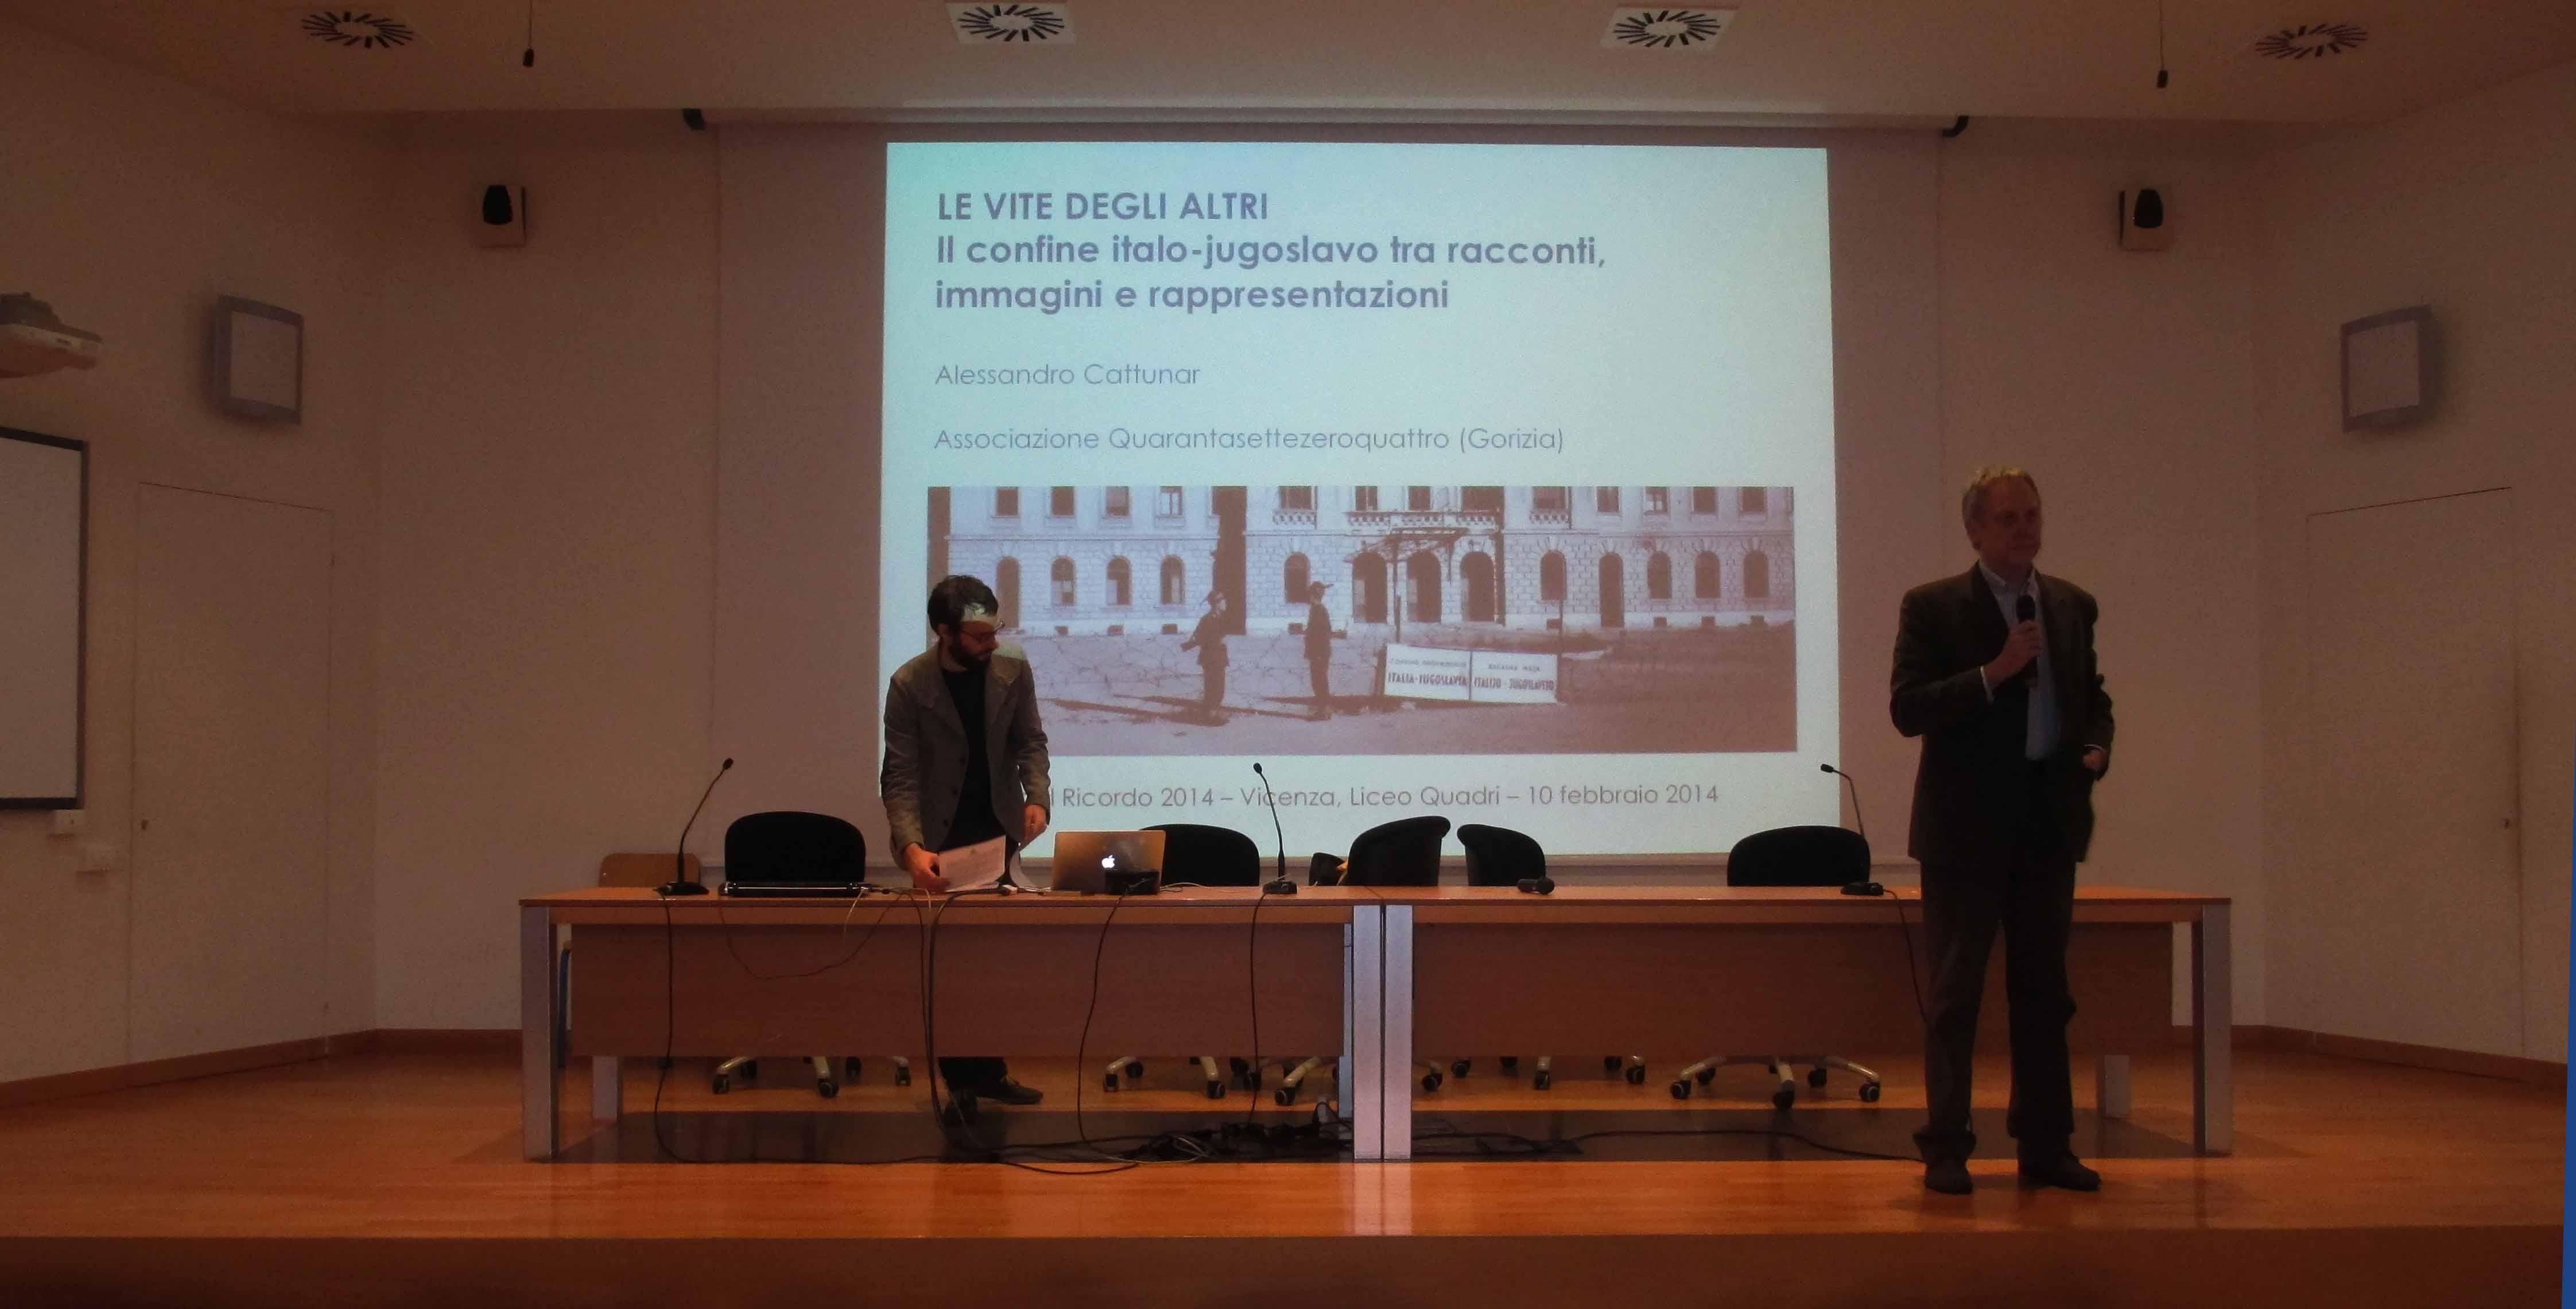 Giorno del Ricordo 2014 - Vicenza, Portogruaro